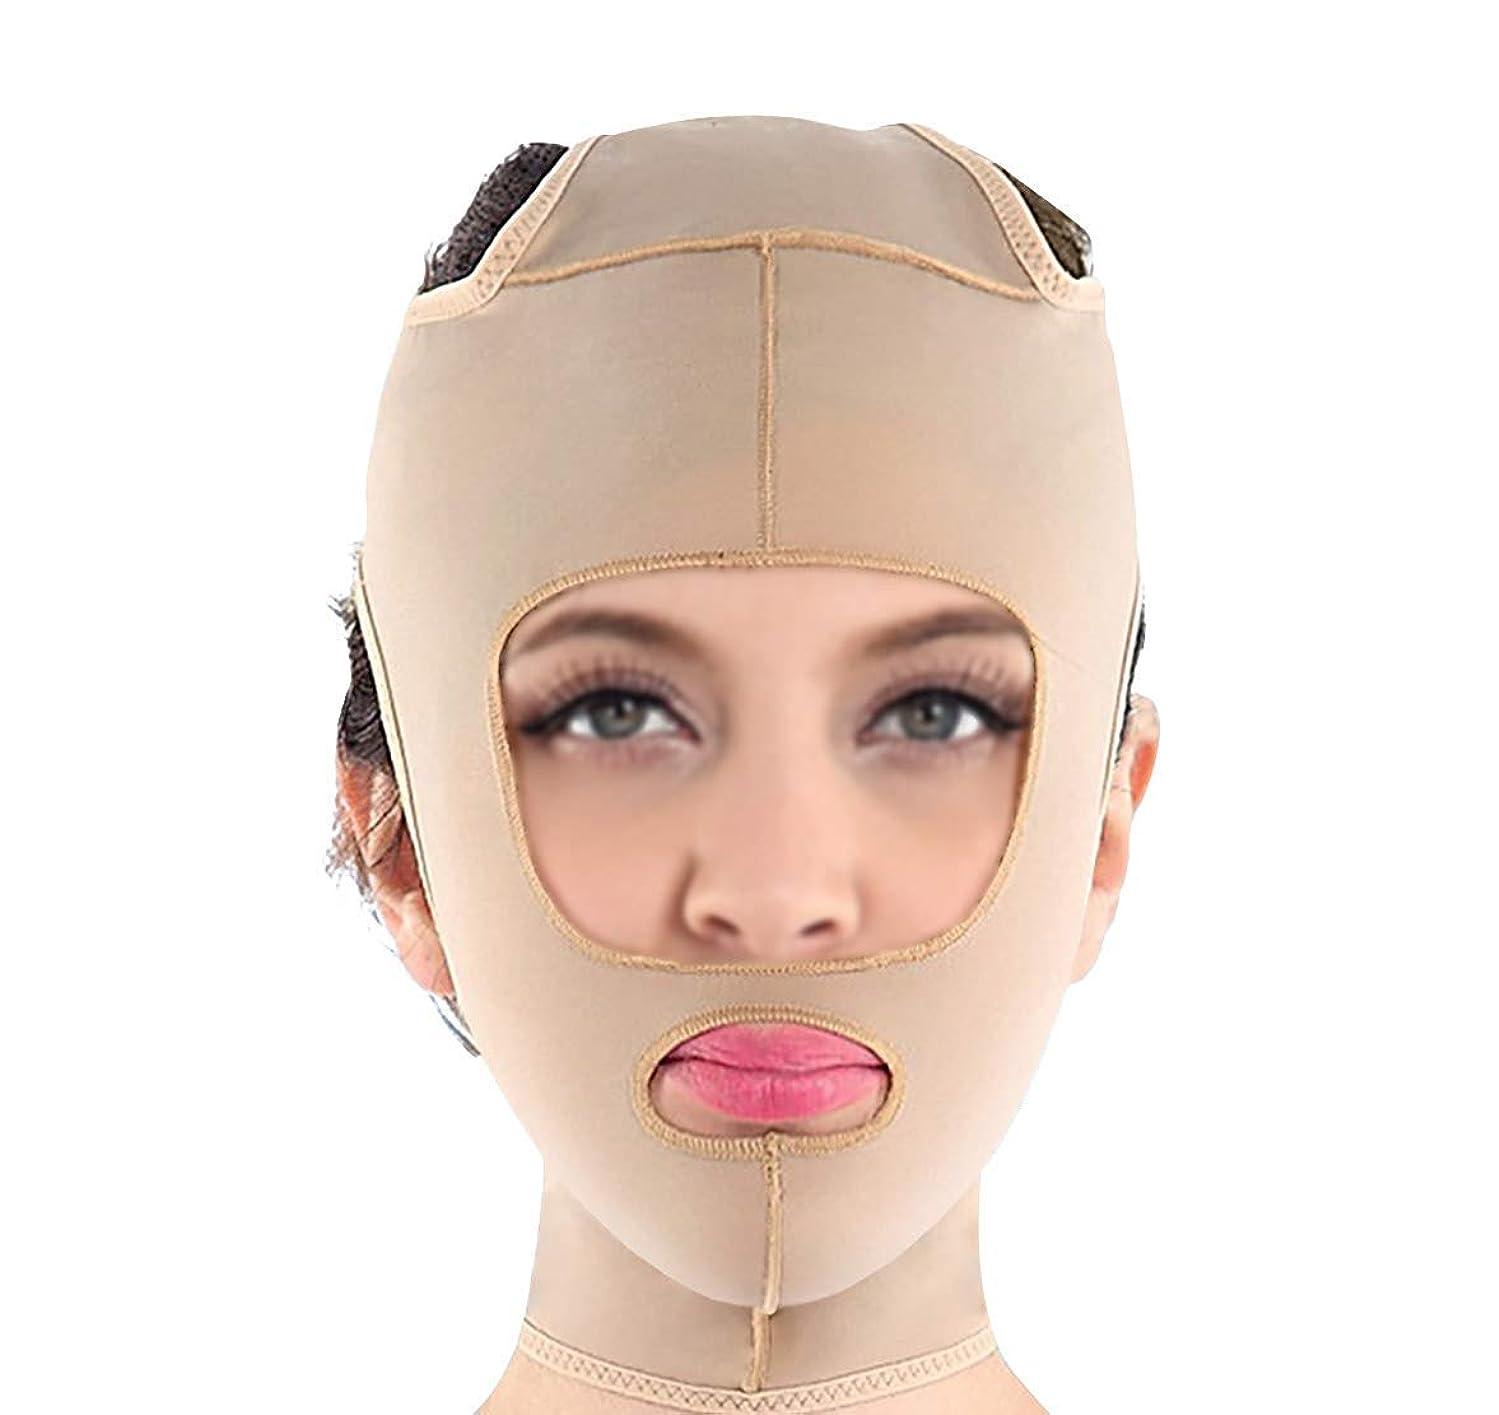 適合する協力する贅沢なフェイスリフティングマスクで肌をしっかりと保ち、顔の筋肉の垂れ下がりや顔の美しい輪郭の整形を防止します(サイズ:Xl),S